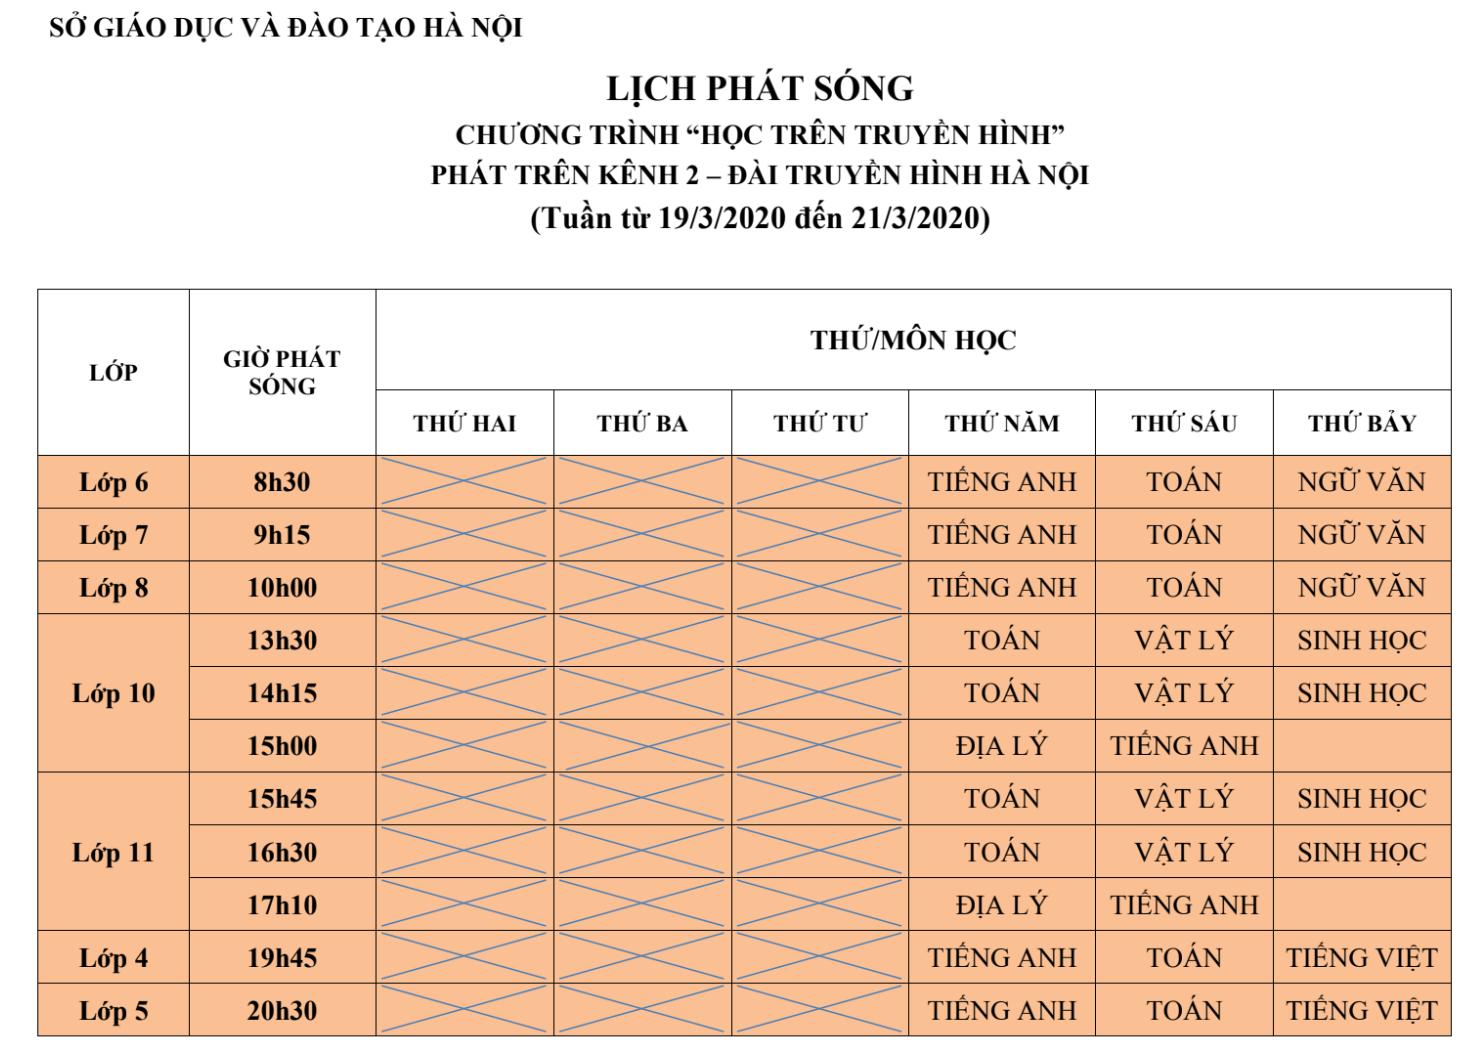 Lịch học trên truyền hình chi tiết và đầy đủ nhất cho học sinh Hà Nội từ lớp 4 đến lớp 12 - Ảnh 2